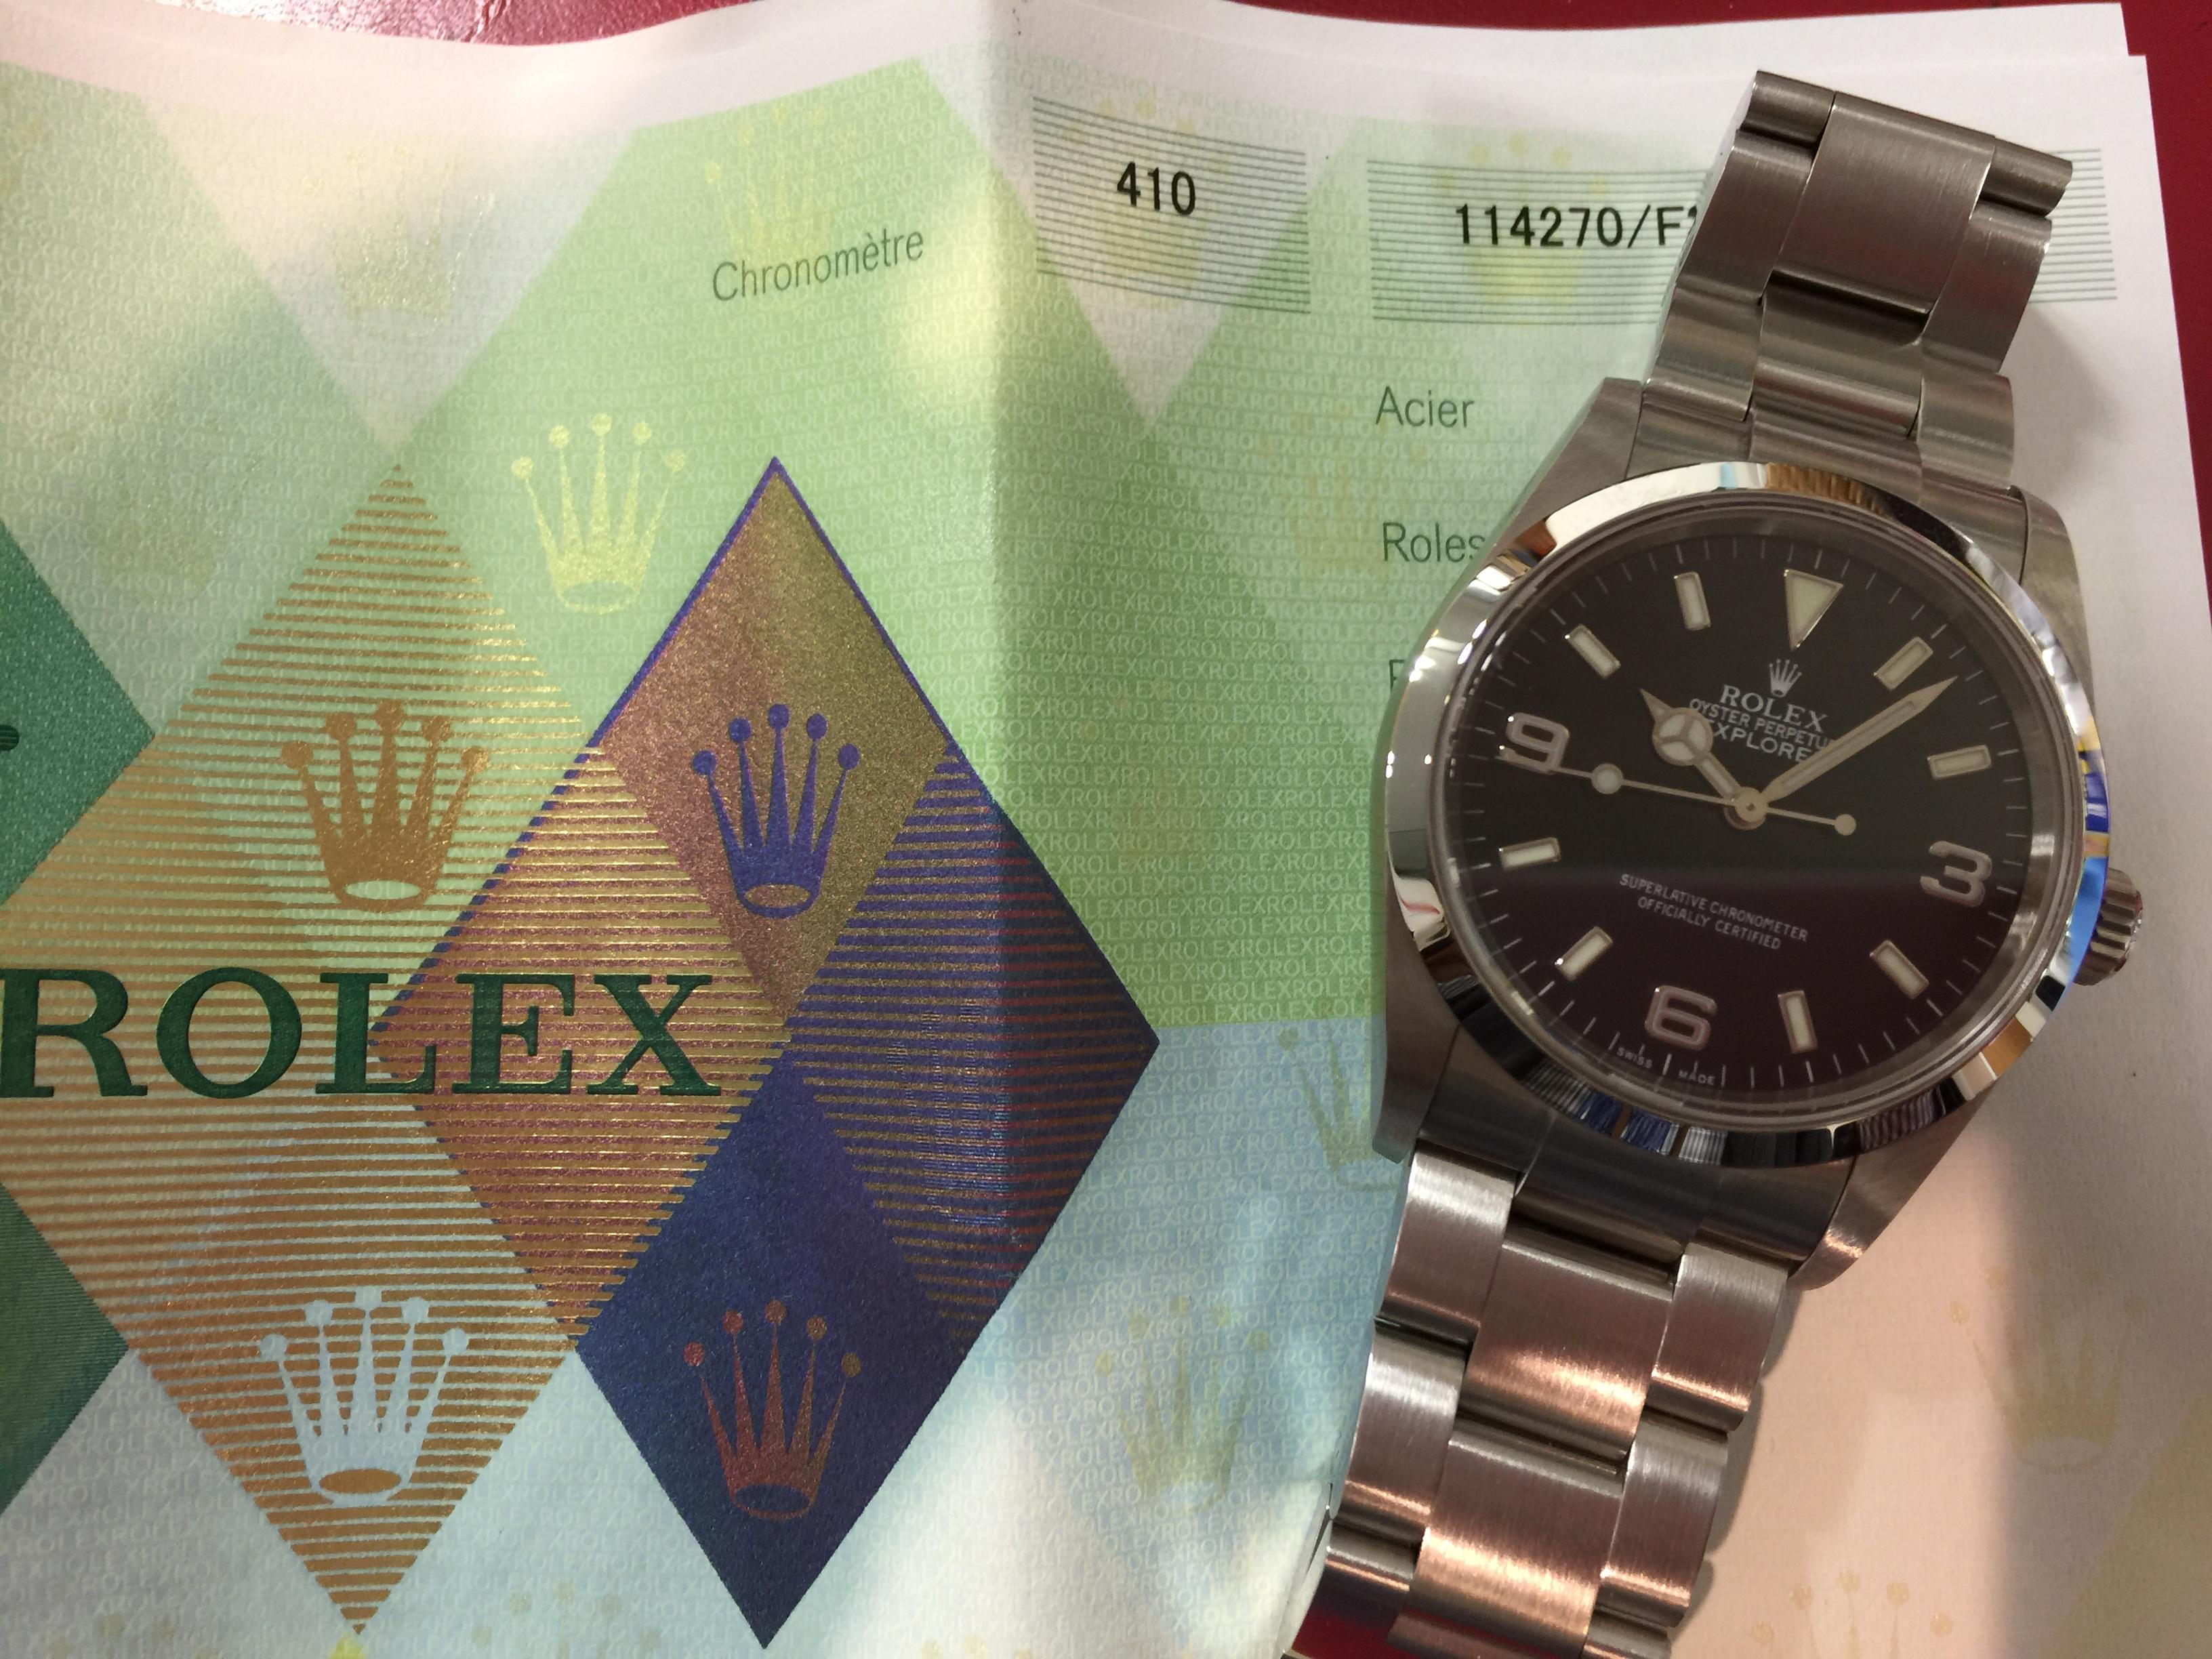 ロレックス ROLEX エクスプローラー 114270 F番